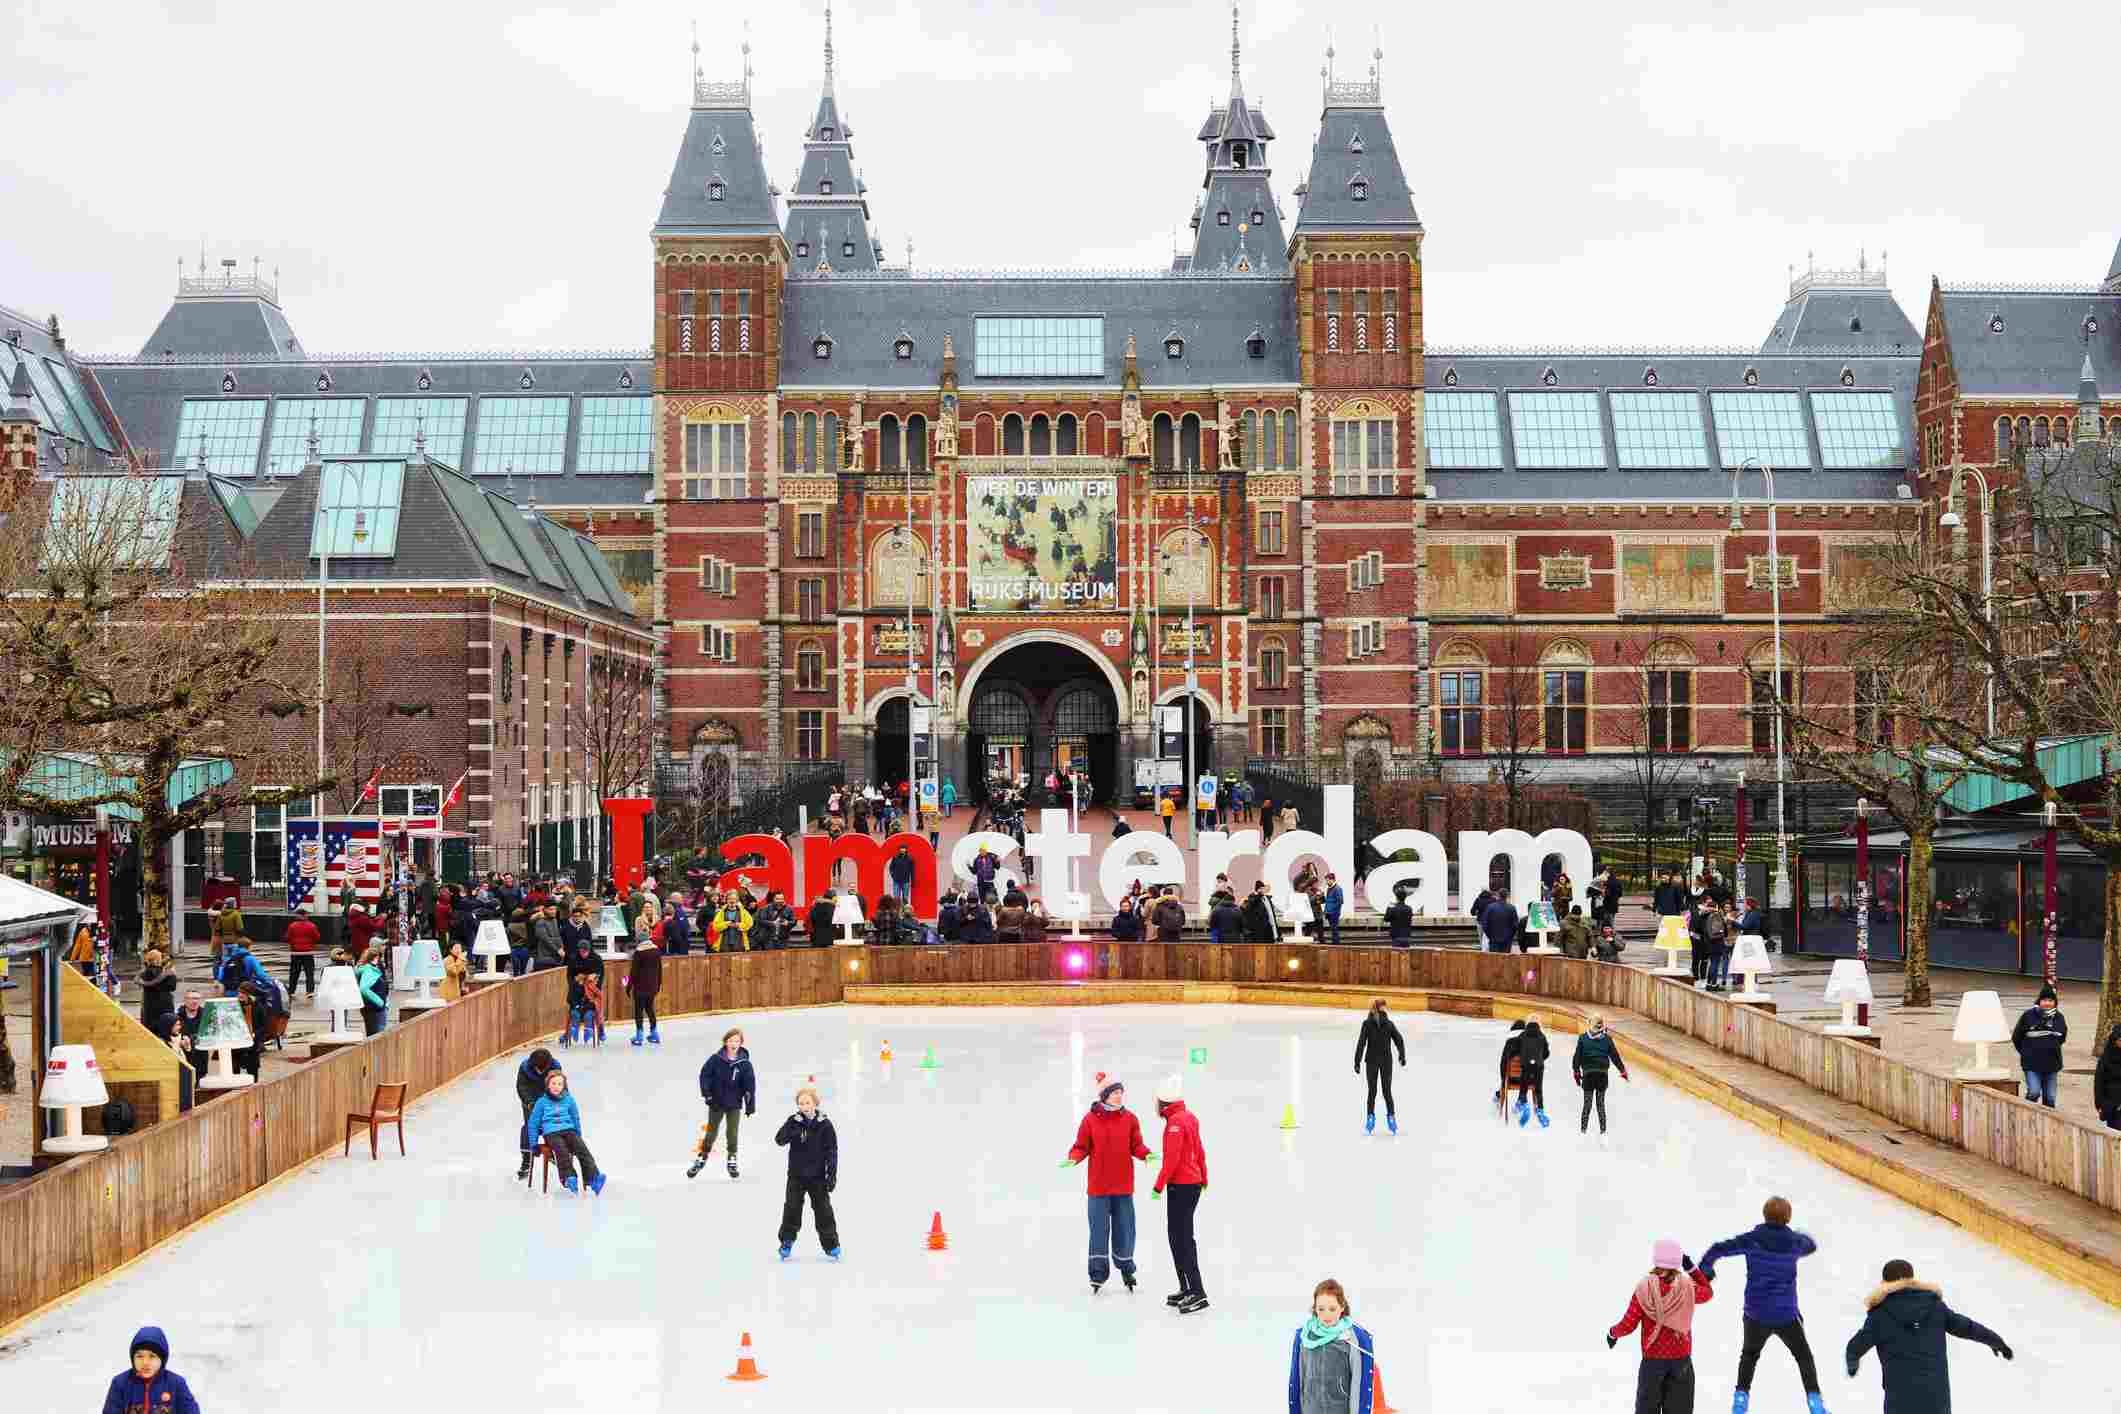 Pista de patinaje sobre hielo frente al museo